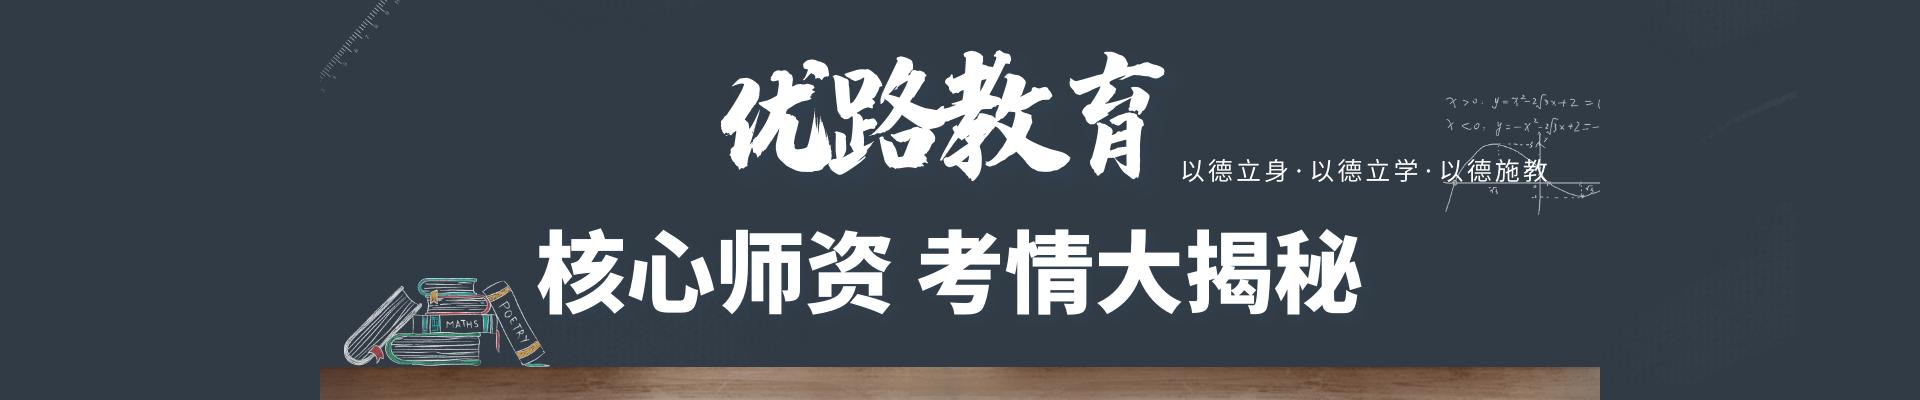 广东汕头优路教育培训学校